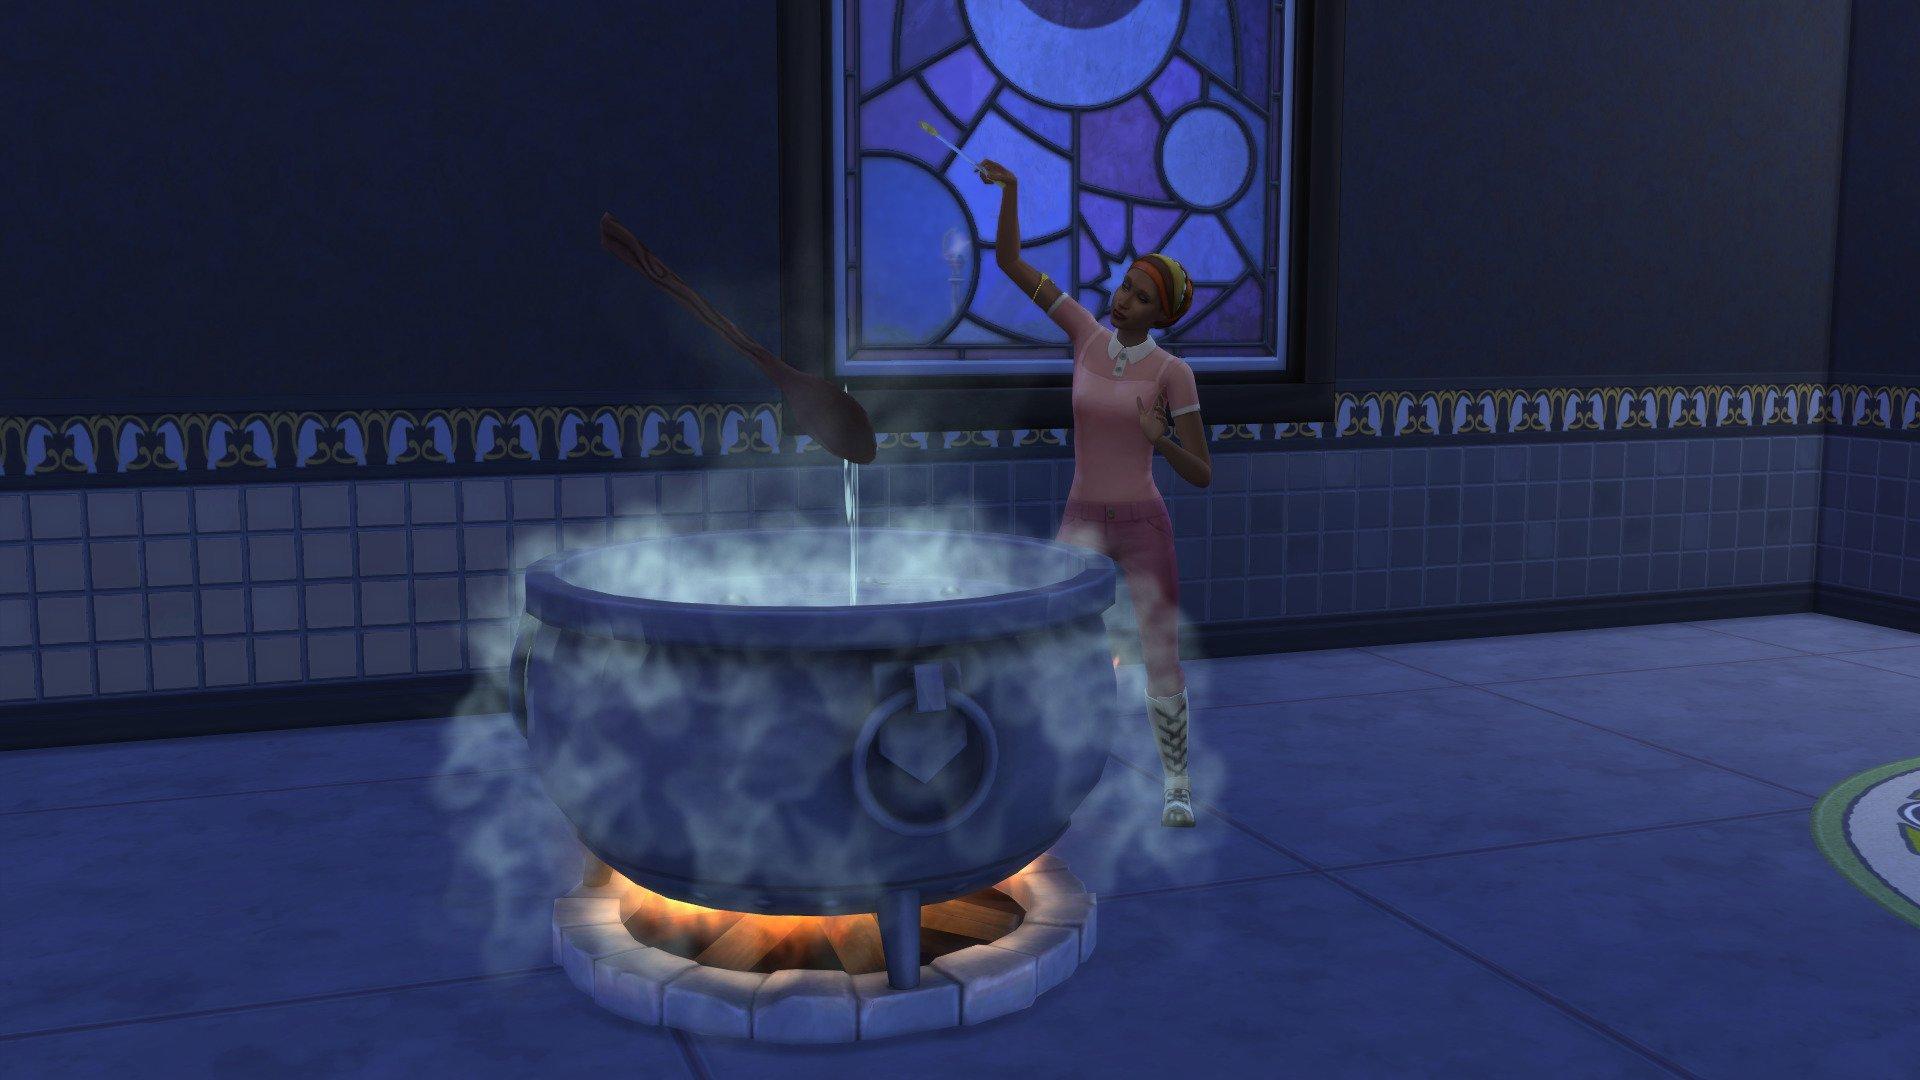 Fabriquer potions sims 4 monde magique